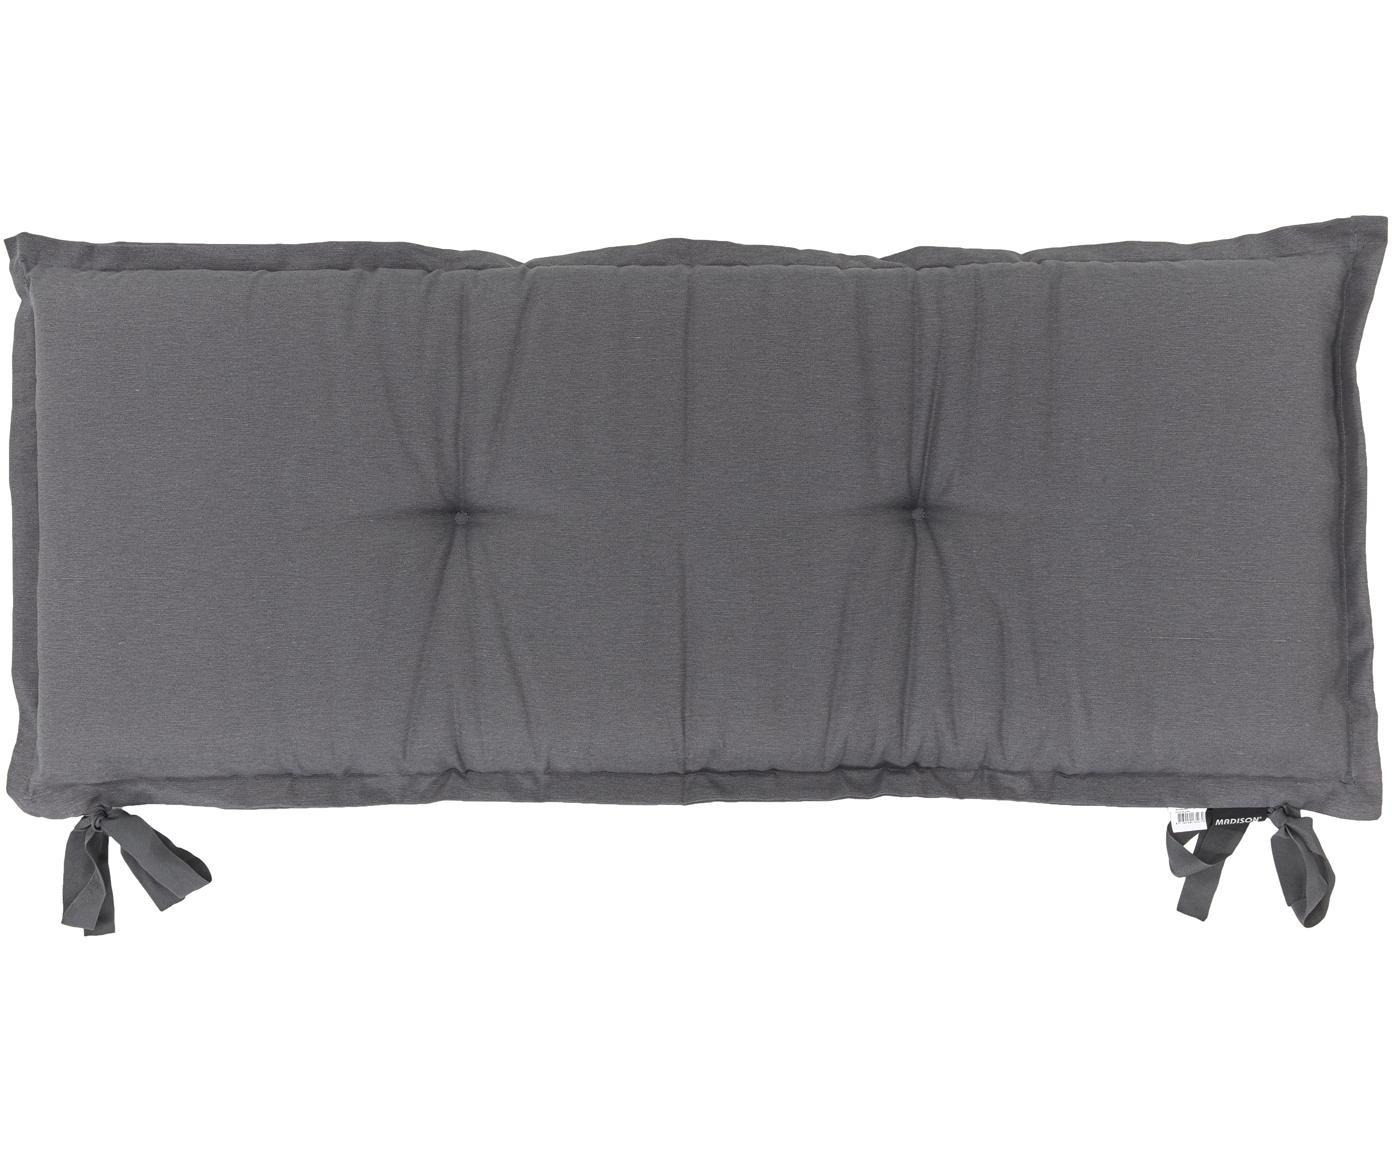 Cuscino sedia lungo Panama, 50% cotone, 45% poliestere, 5% altre fibre, Antracite, Larg. 48 x Lung. 120 cm